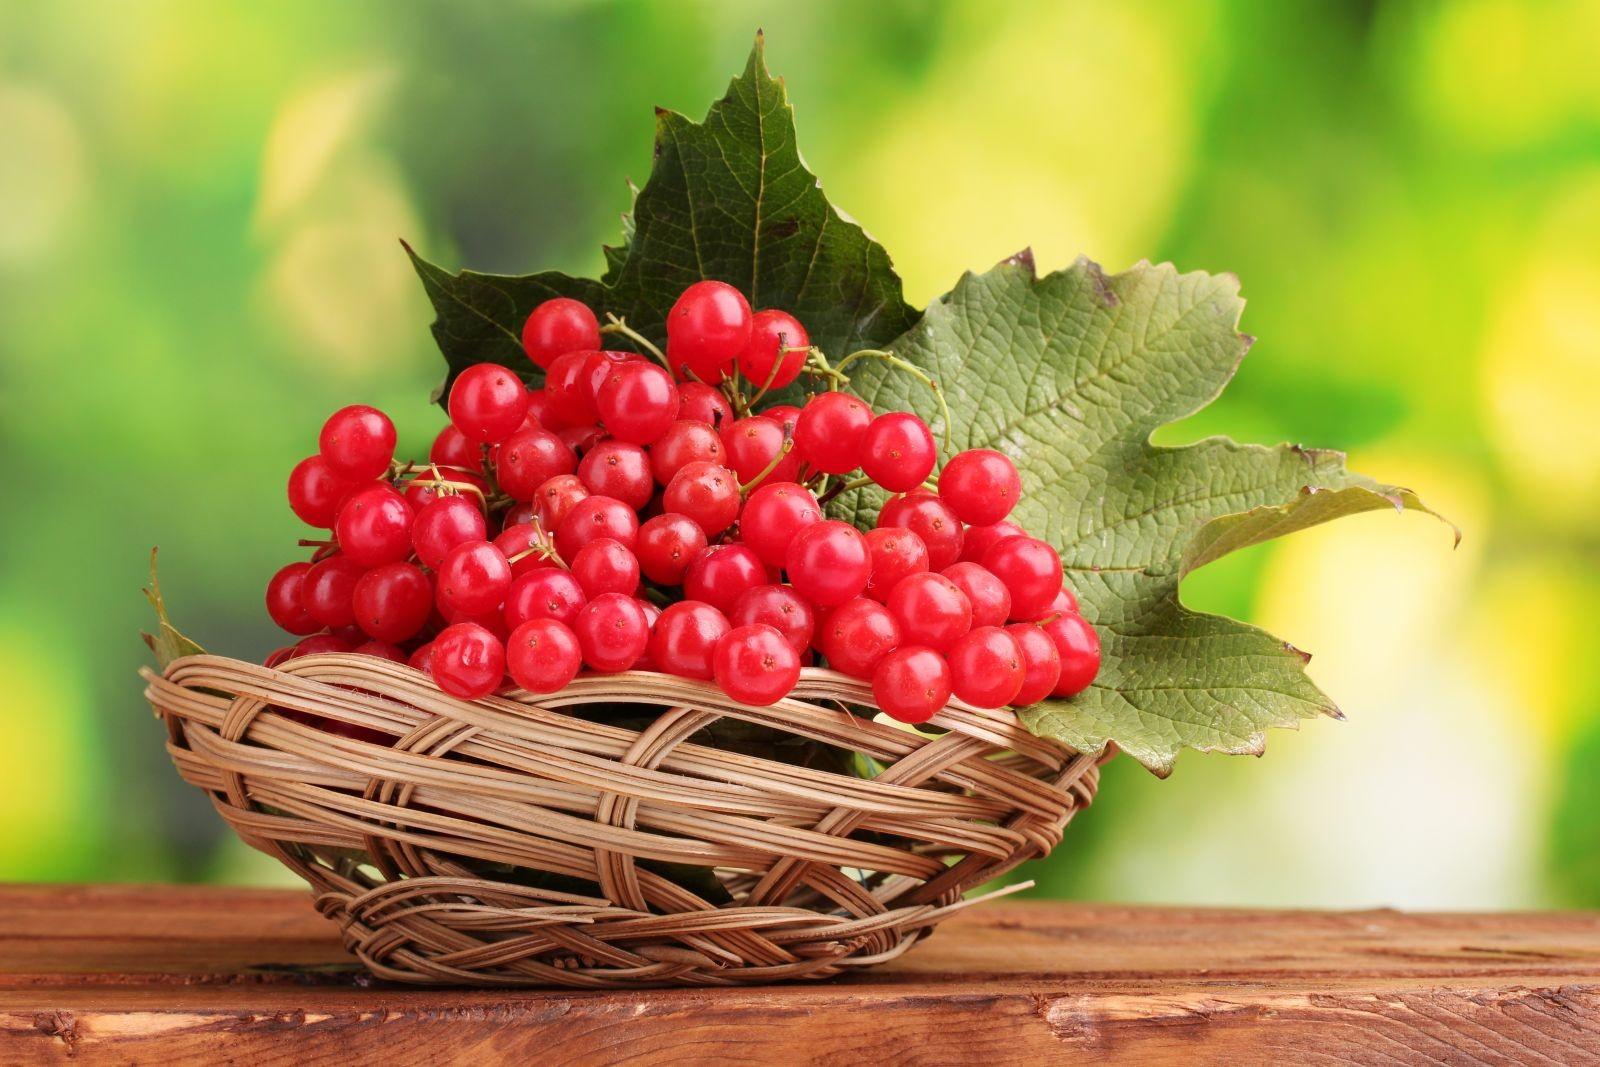 Калина красная - полезные свойства, показания, противопоказания, народные рецепты лечения заболеваний, видео